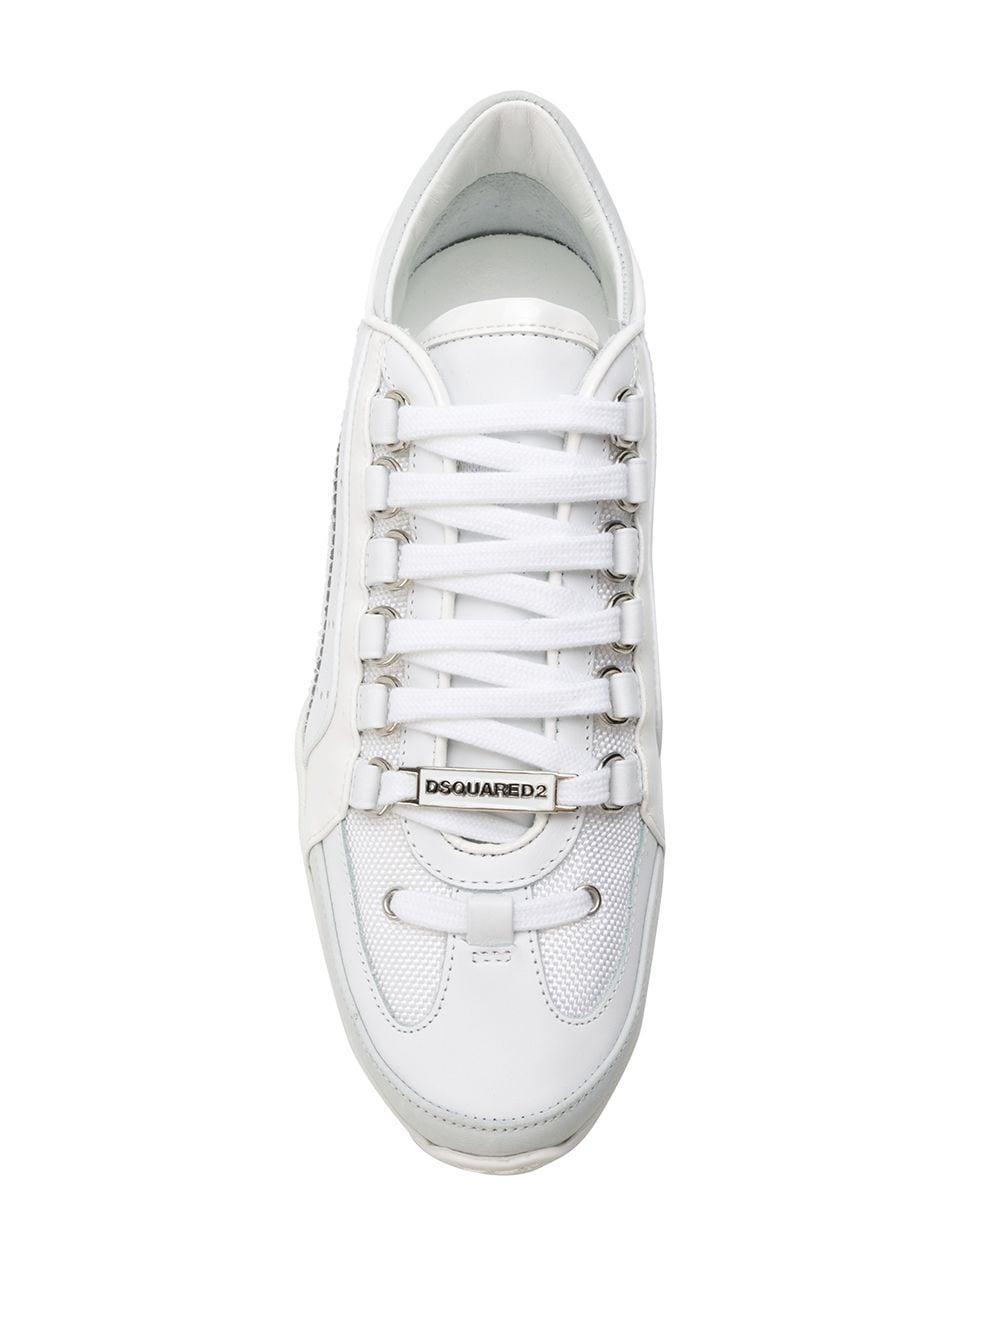 Baskets 551 Synthétique DSquared² en coloris Blanc LrfI